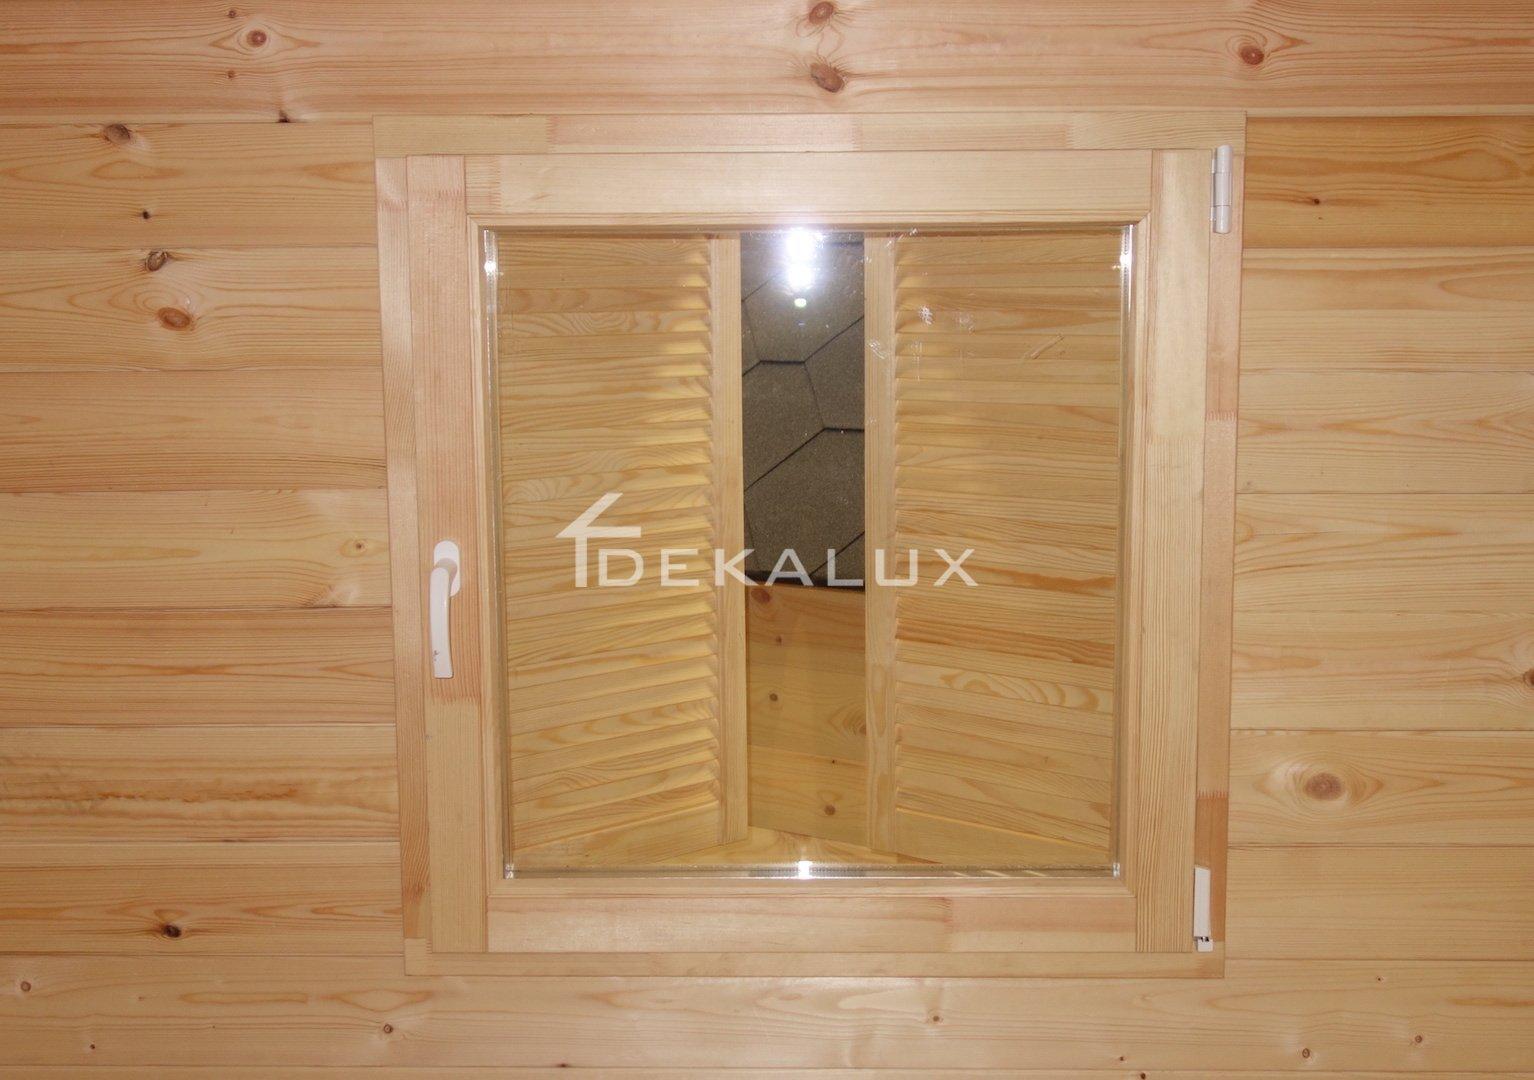 Parete Divisoria In Legno bungalow in legno 5x5 (44mm) con parete divisoria